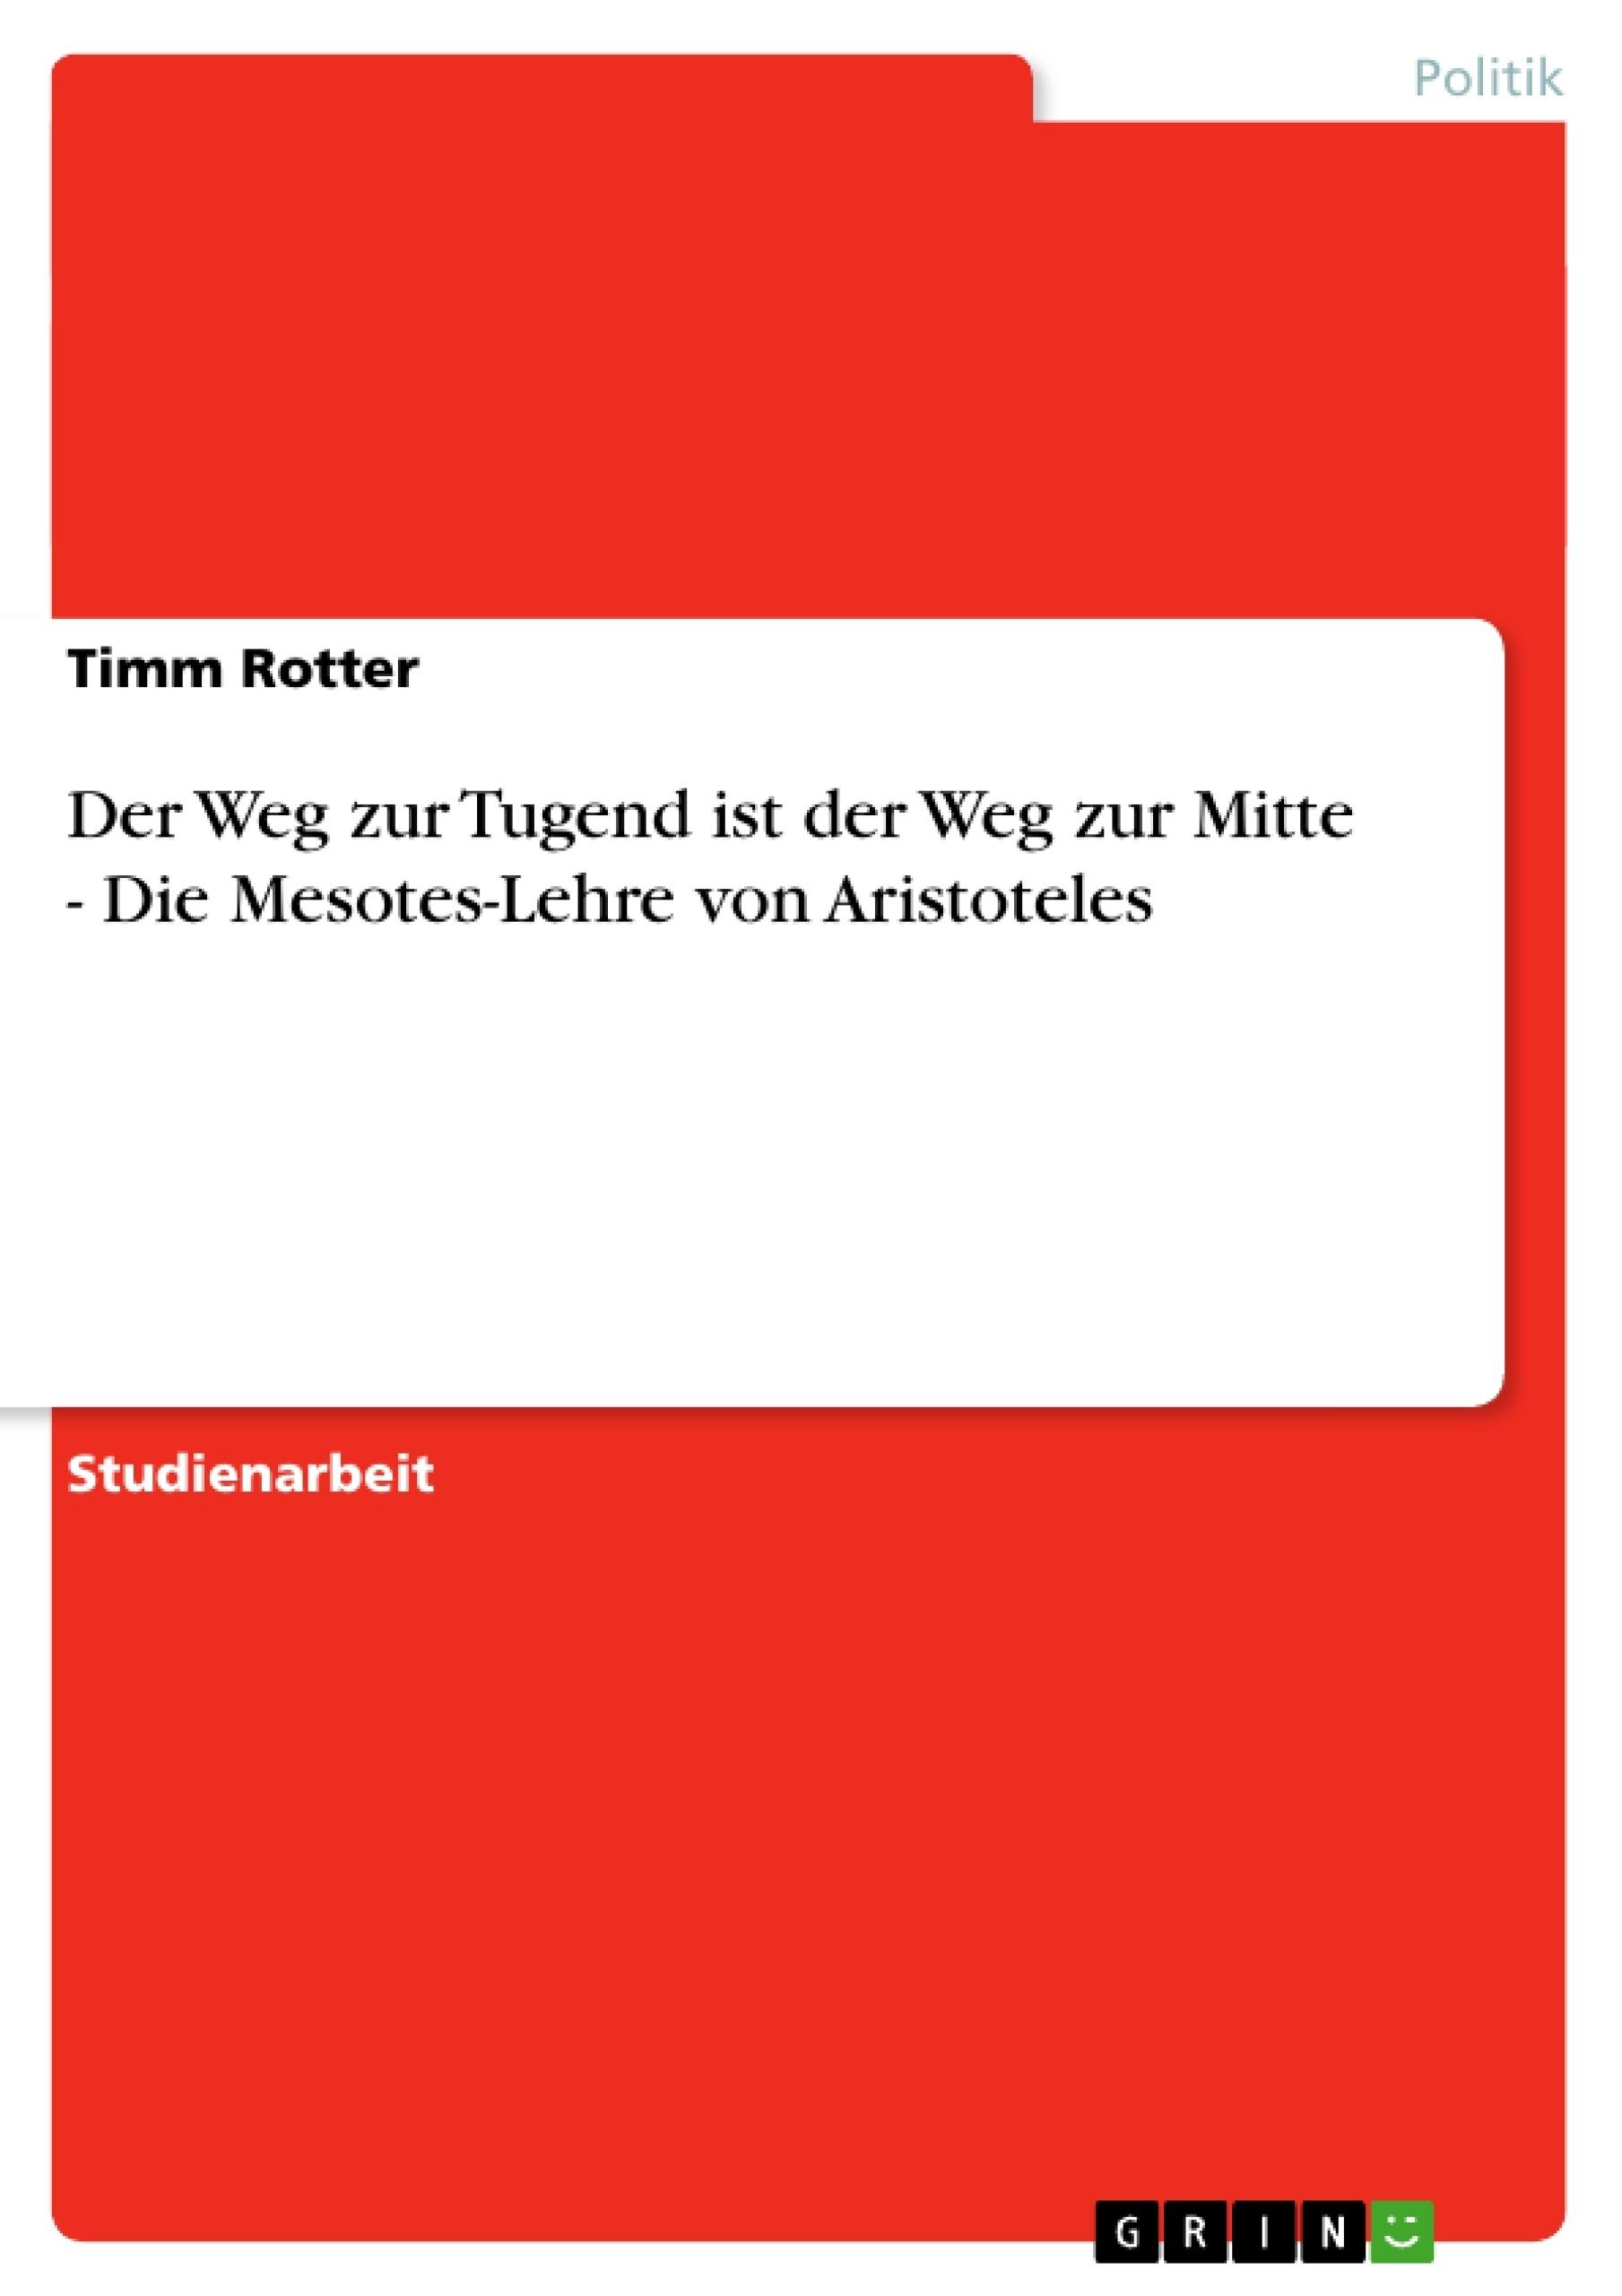 Titel: Der Weg zur Tugend ist der Weg zur Mitte - Die Mesotes-Lehre von Aristoteles